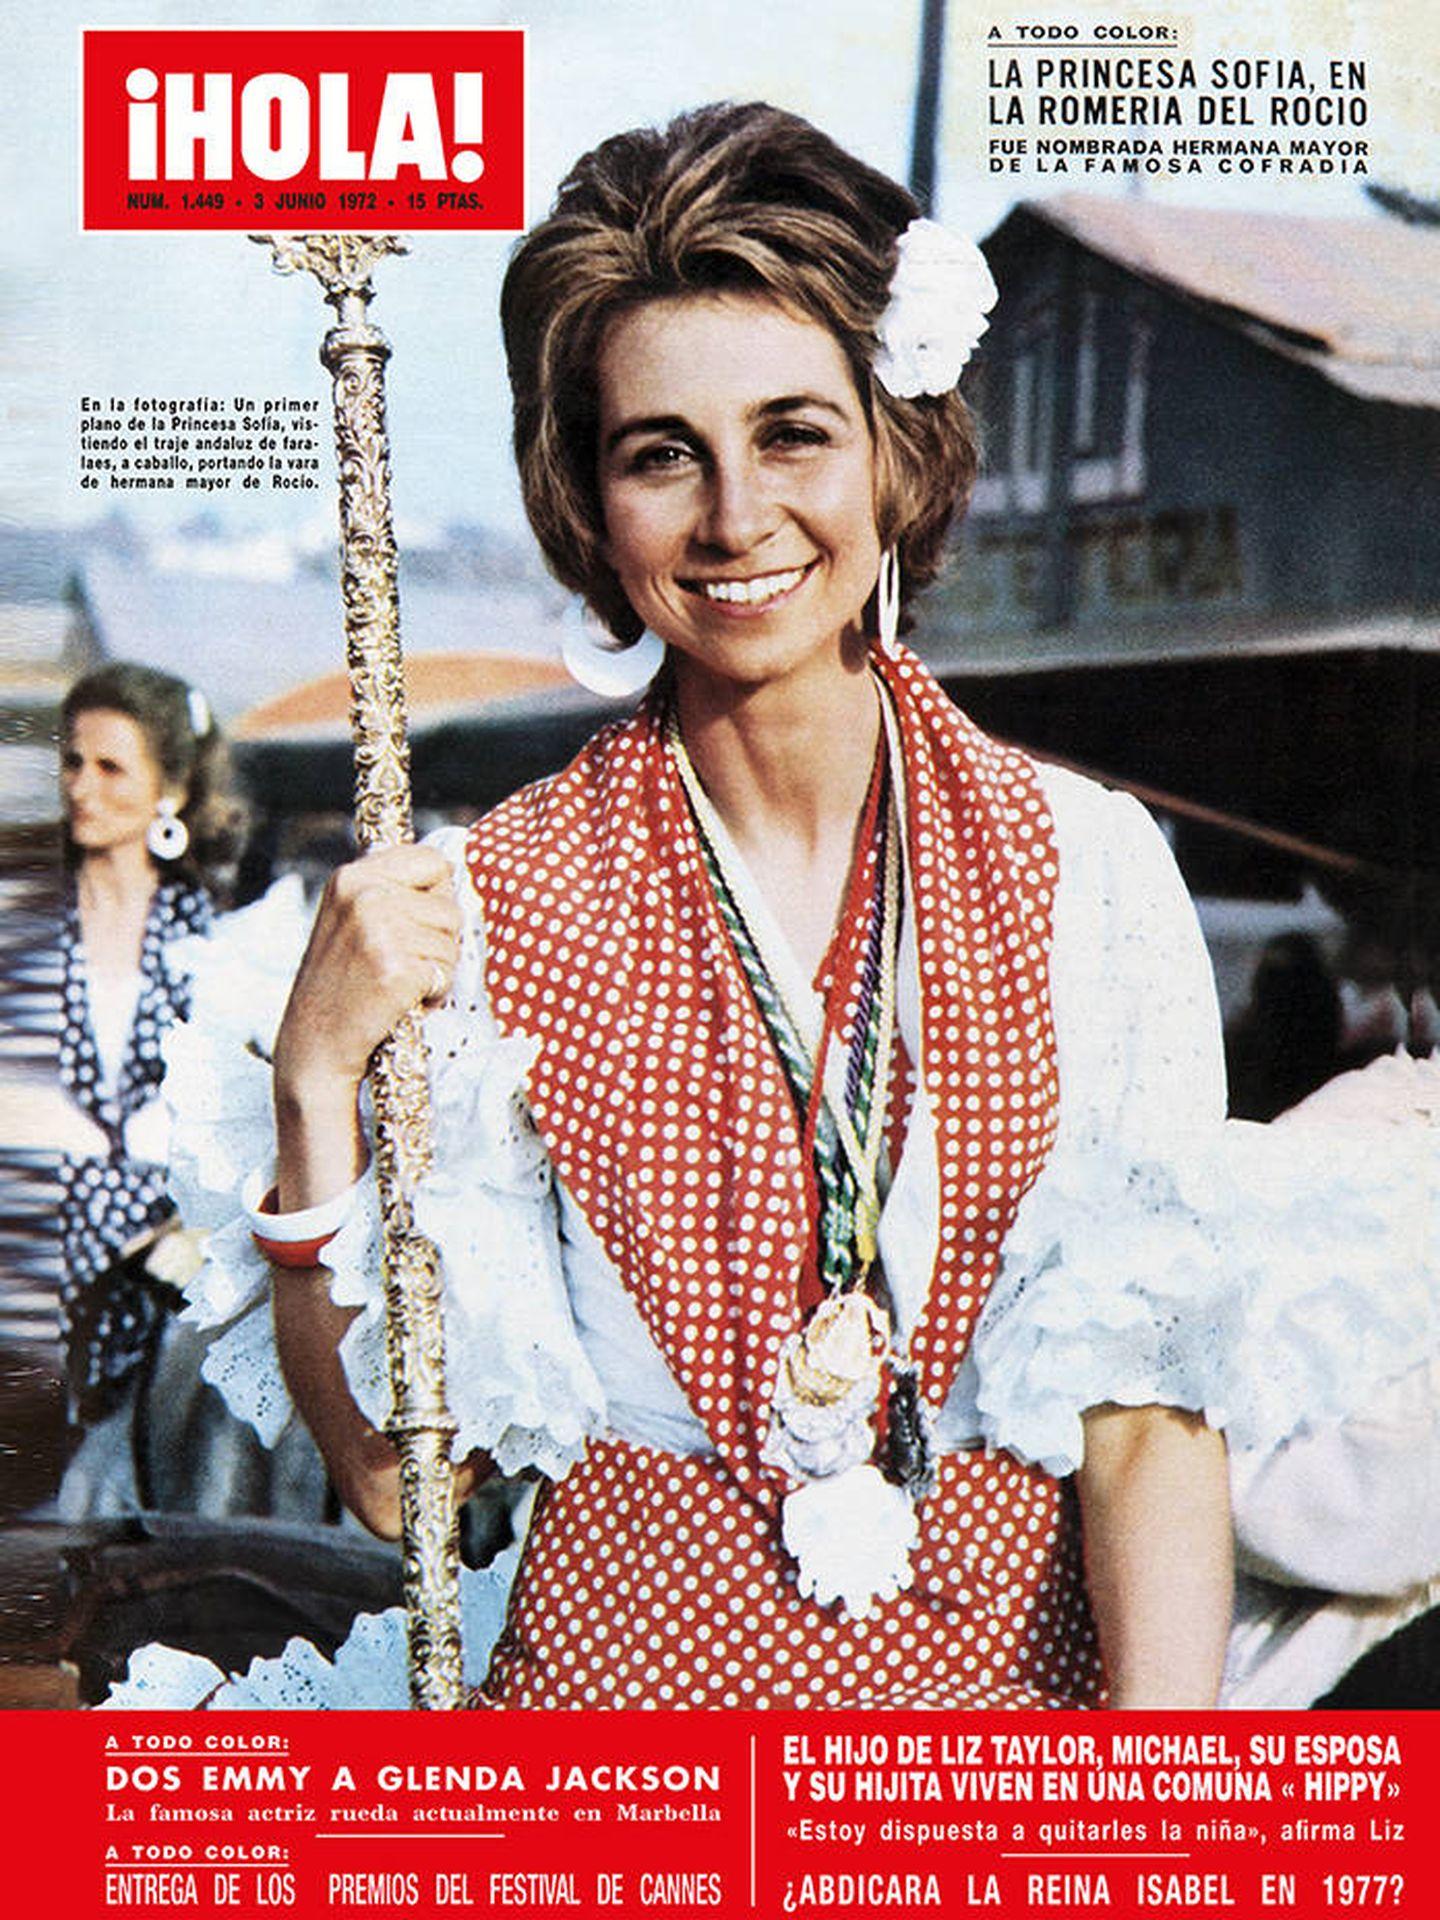 La reina Sofía, en la portada de la revista '¡Hola!' en 1972.